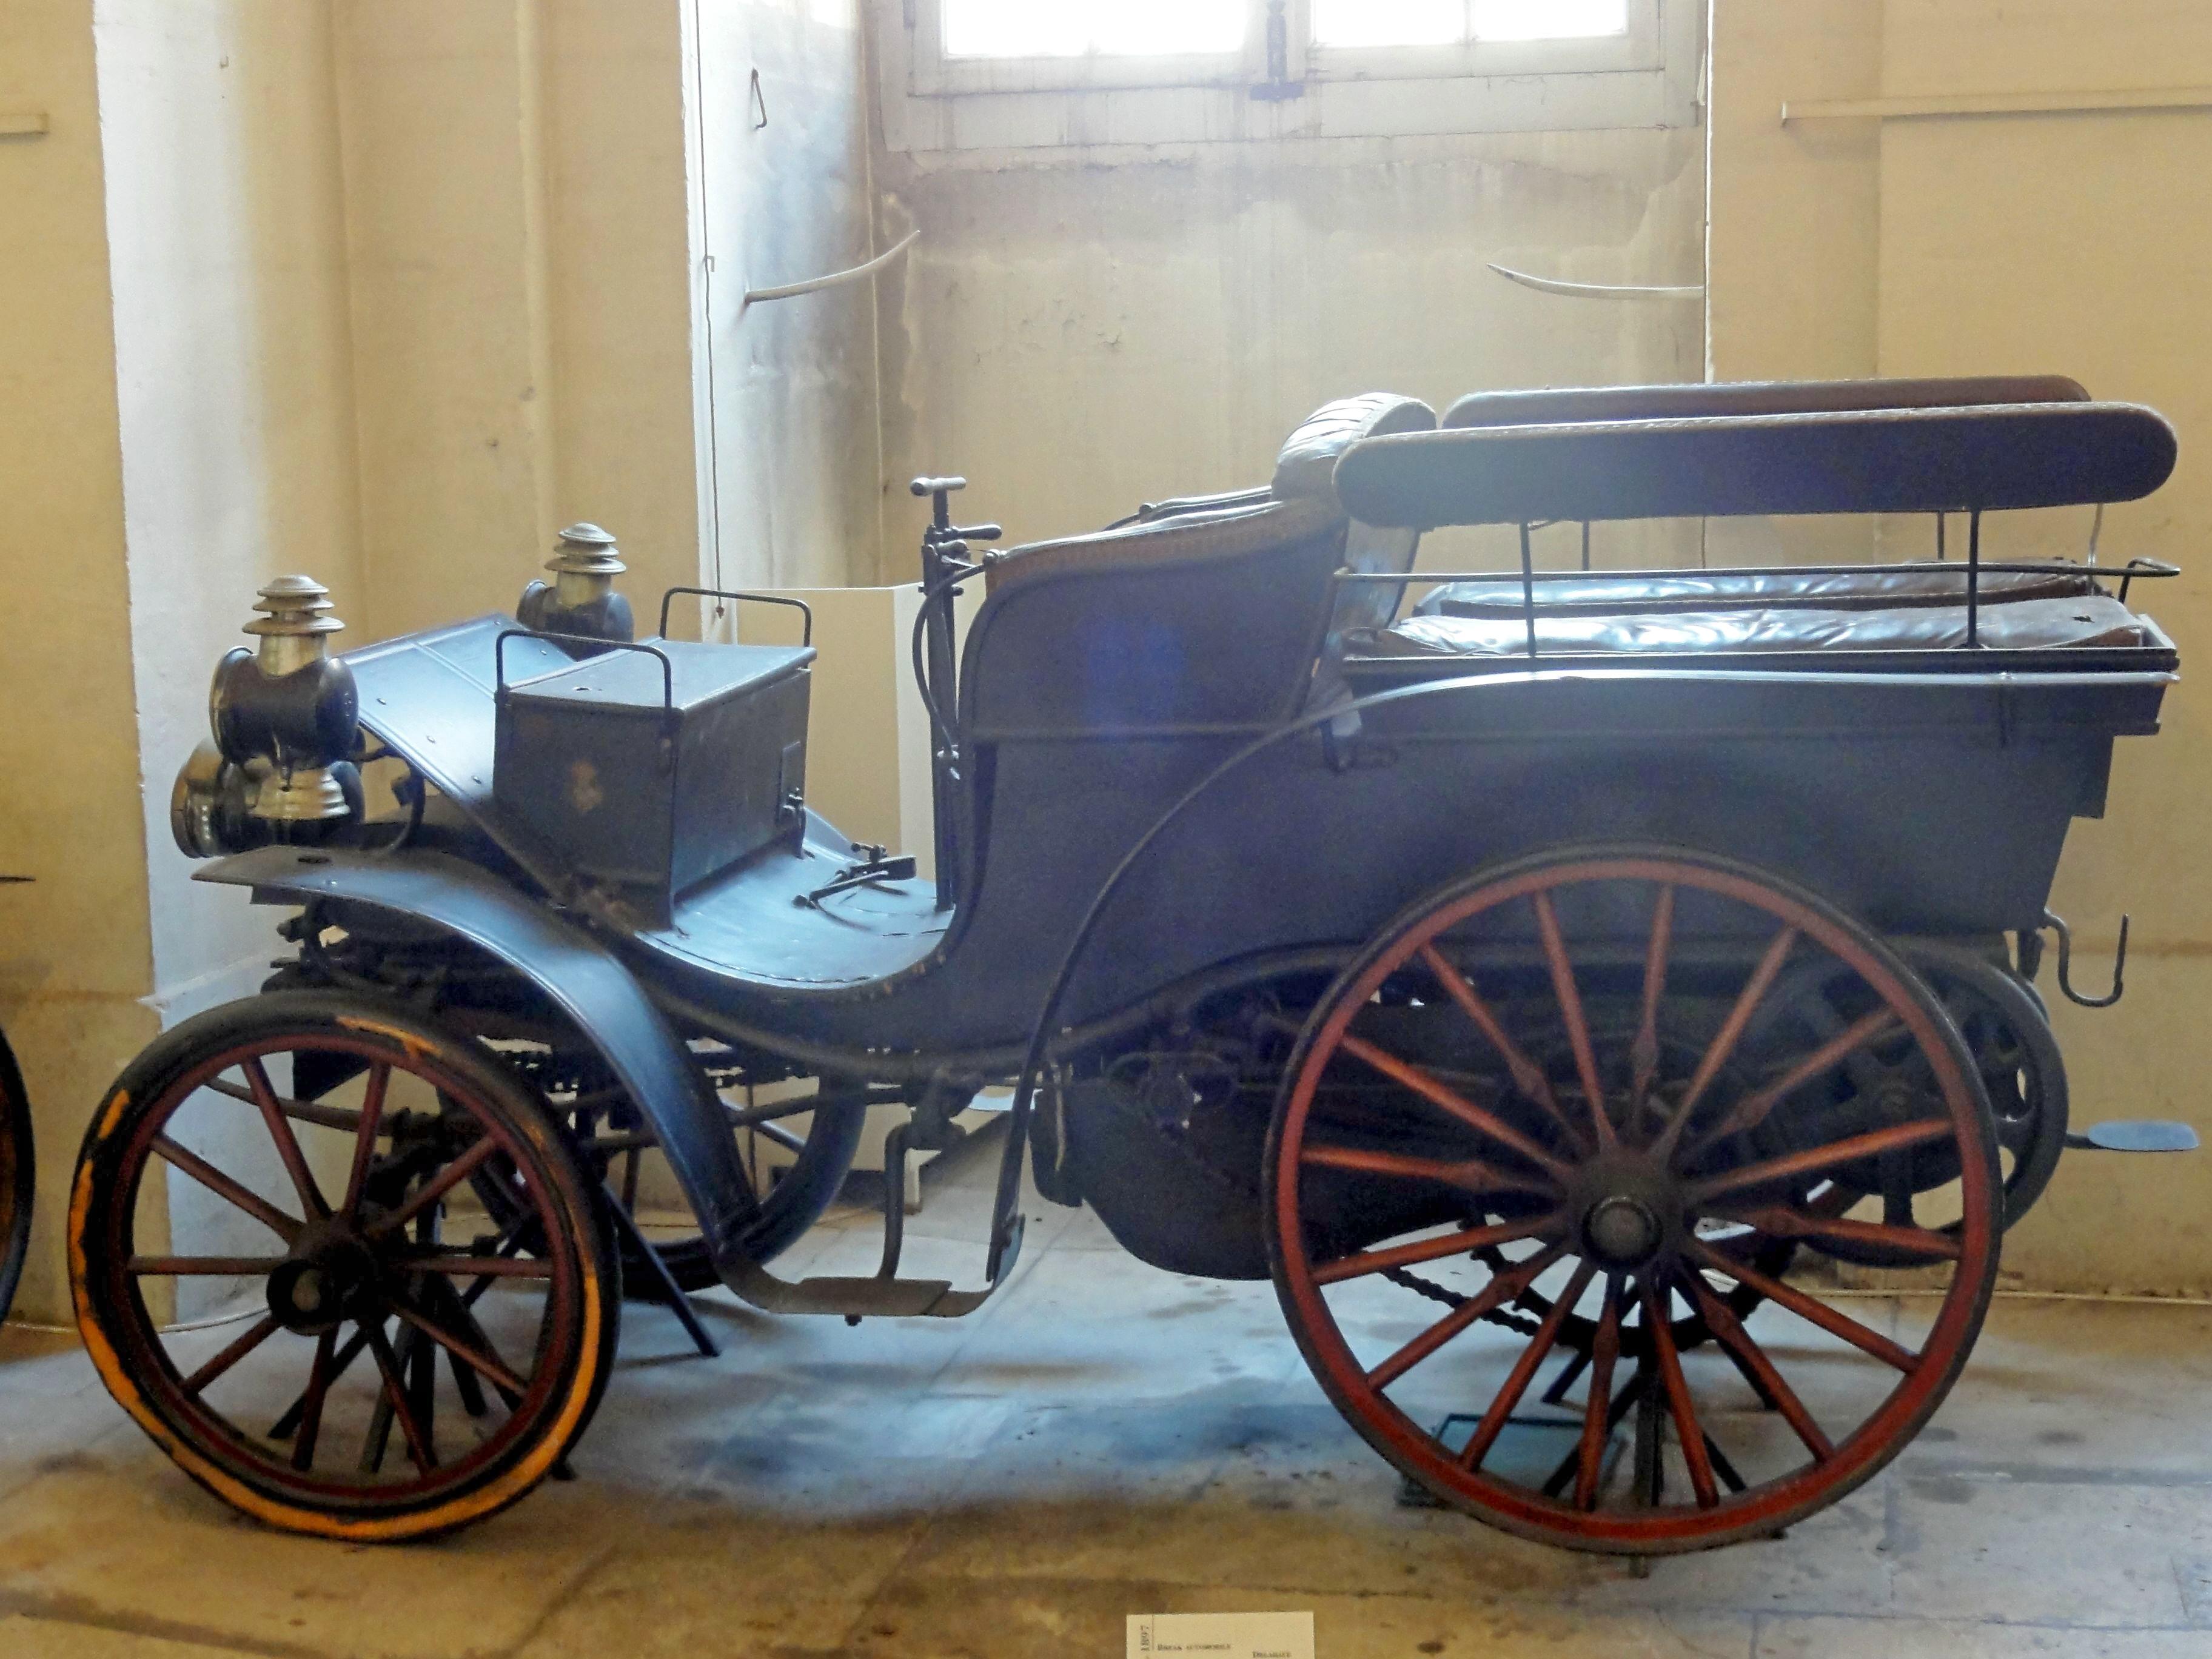 Compiègne_60_musée_de_la_Voiture_Break_automobile_Delahaye_1897_1